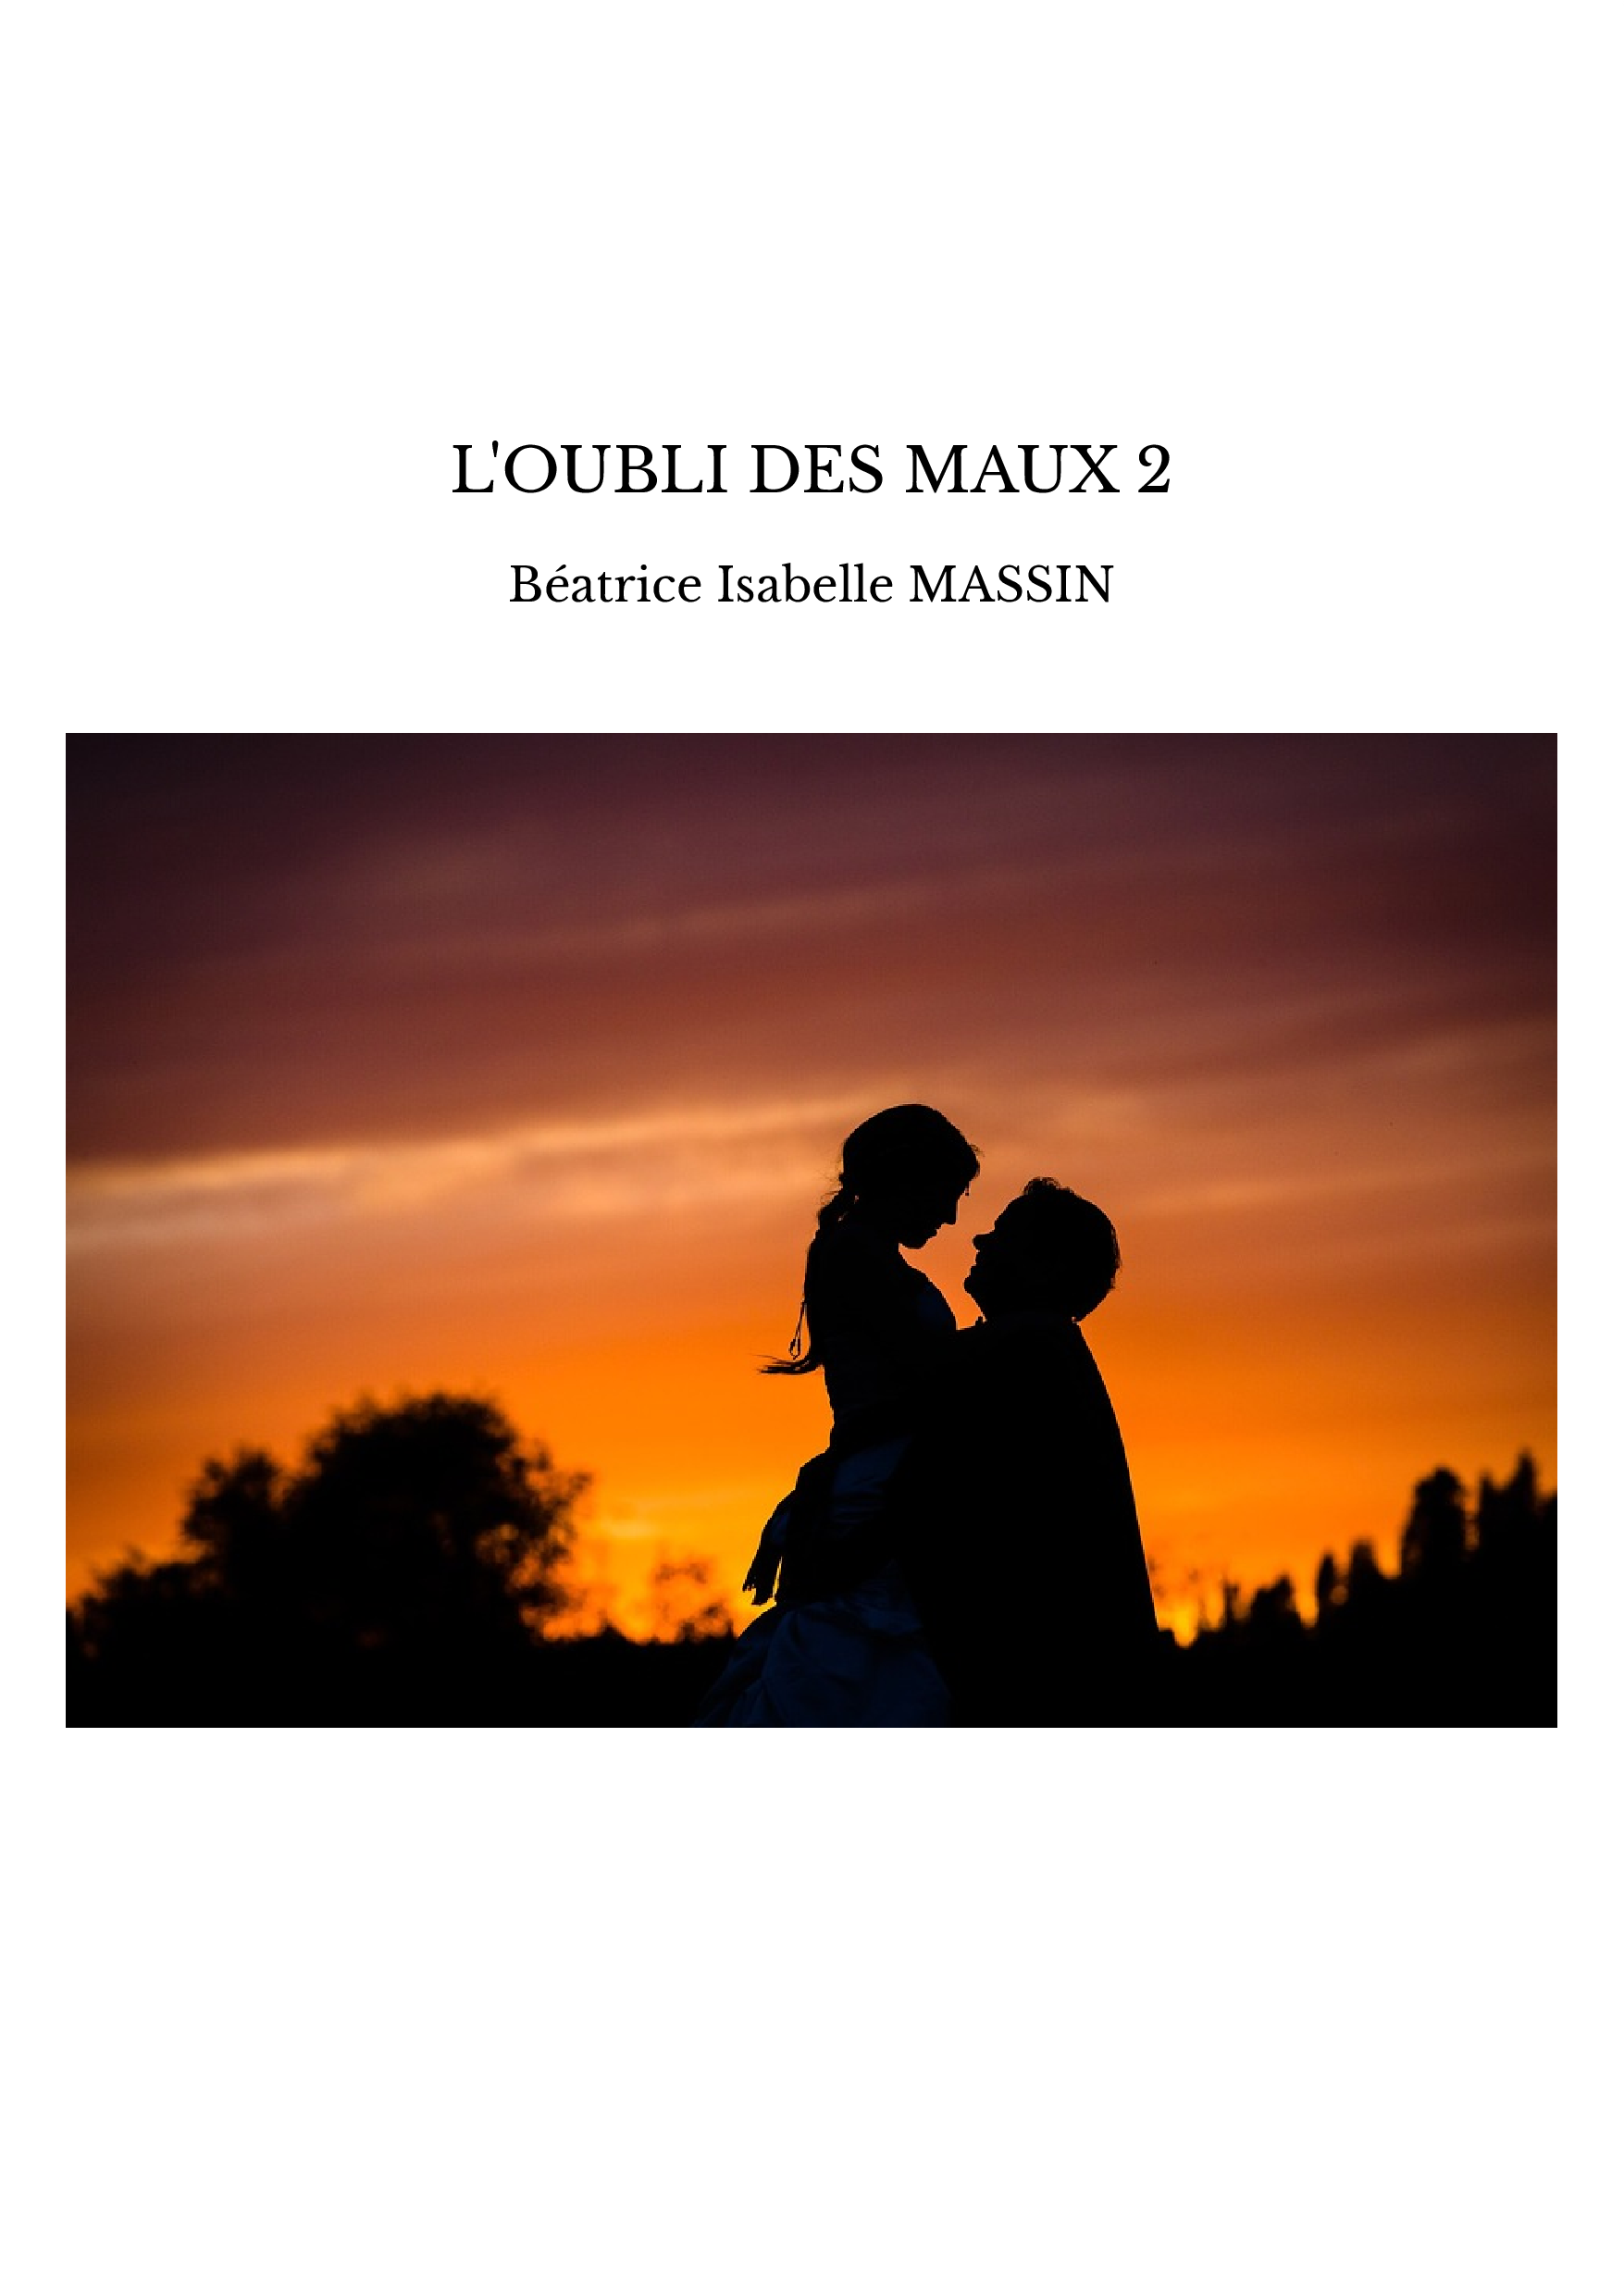 L'OUBLI DES MAUX 2